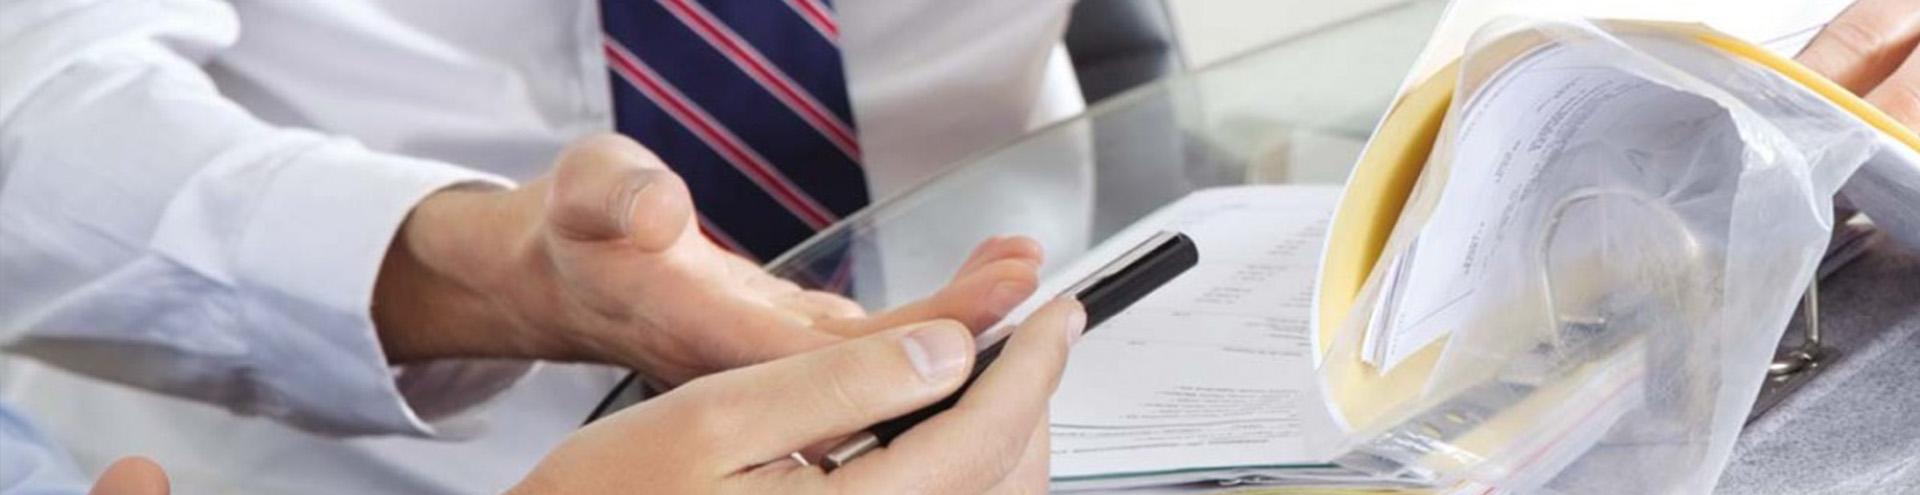 Документы на банкротство юридического лица в Саратове и Саратовской области